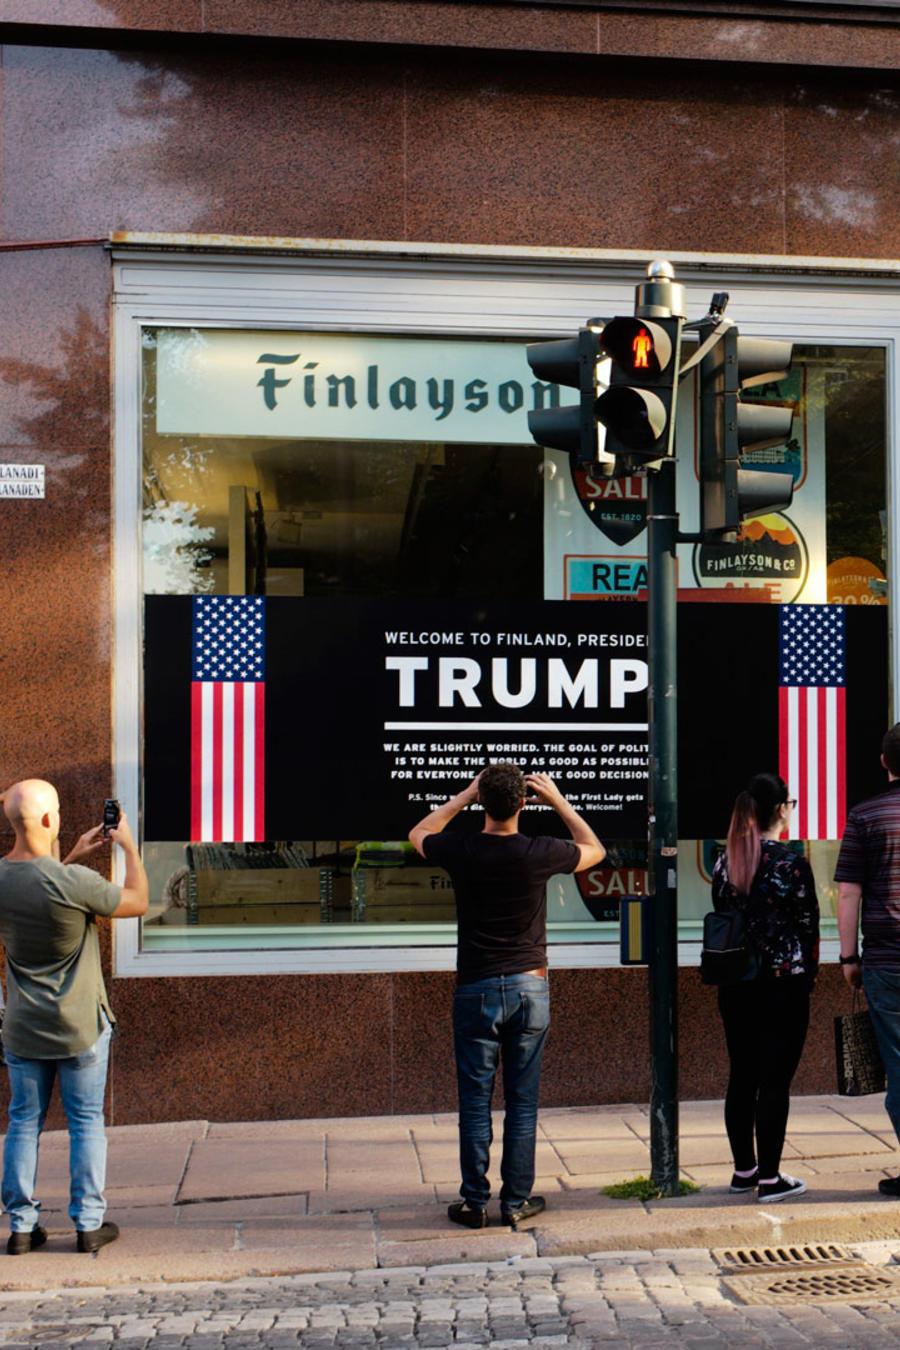 Una calle en Helsinki haciendo referencia a la cumbre entre Trump y Putin el lunes